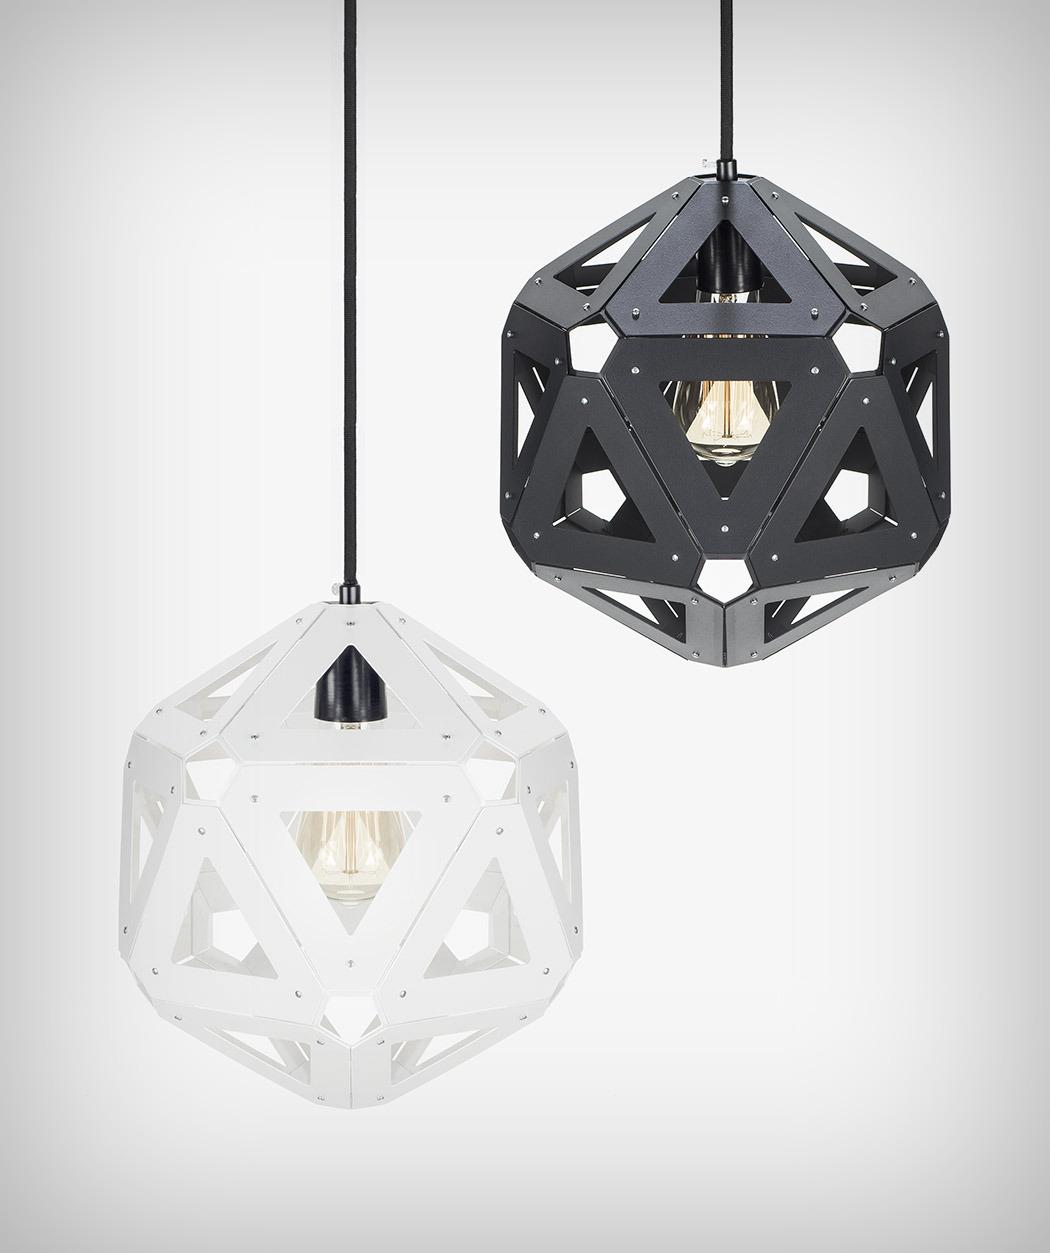 u34_lamp_3